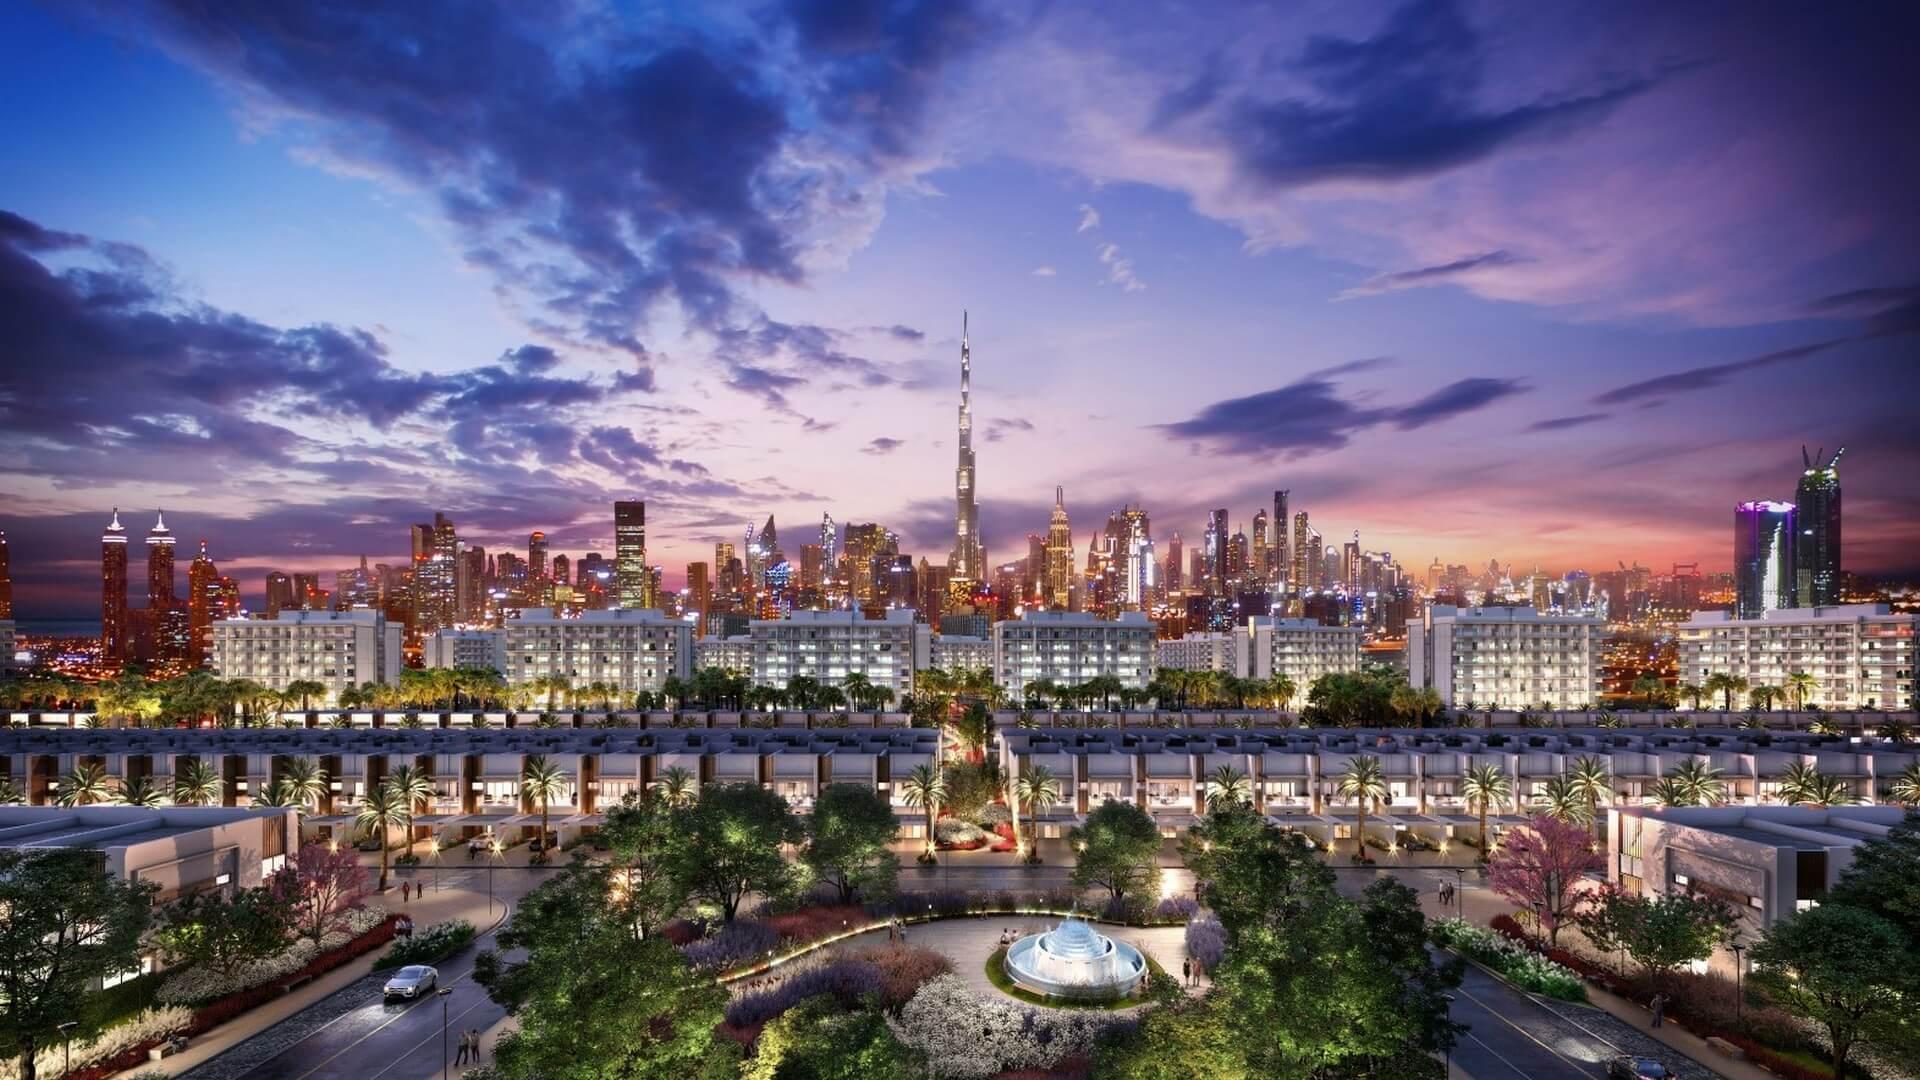 Adosado en venta en Dubai, EAU, 4 dormitorios, 418 m2, № 24056 – foto 5